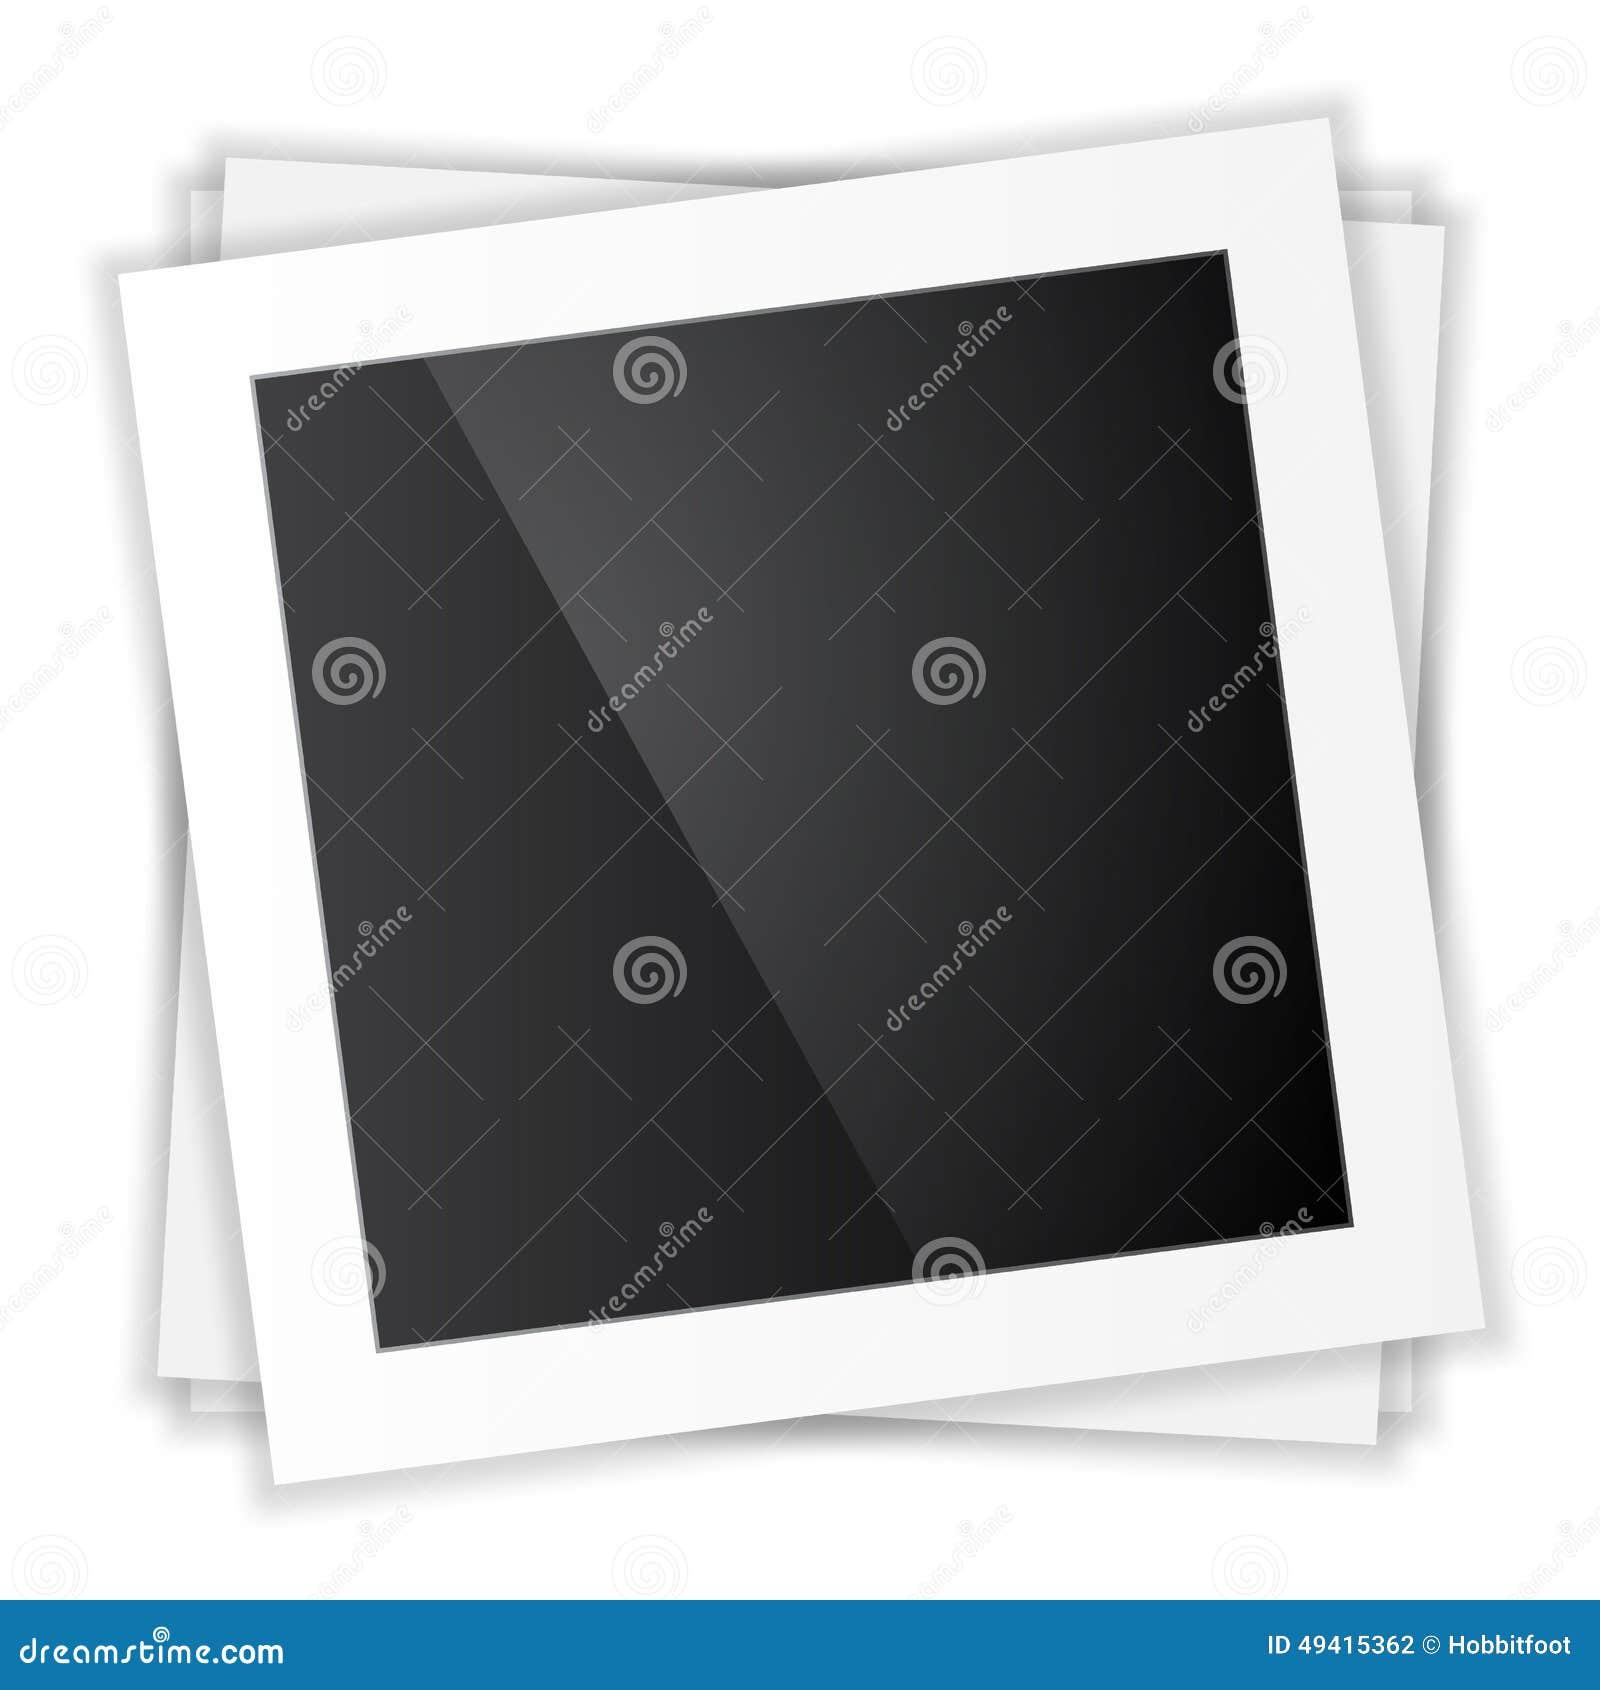 Download Kpugloe Schwarzes Loch Auf Einem Schönen Gekopierten Hintergrund Beschneidungspfad Eingeschlossen Vektor Vektor Abbildung - Illustration von hintergrund, getrennt: 49415362